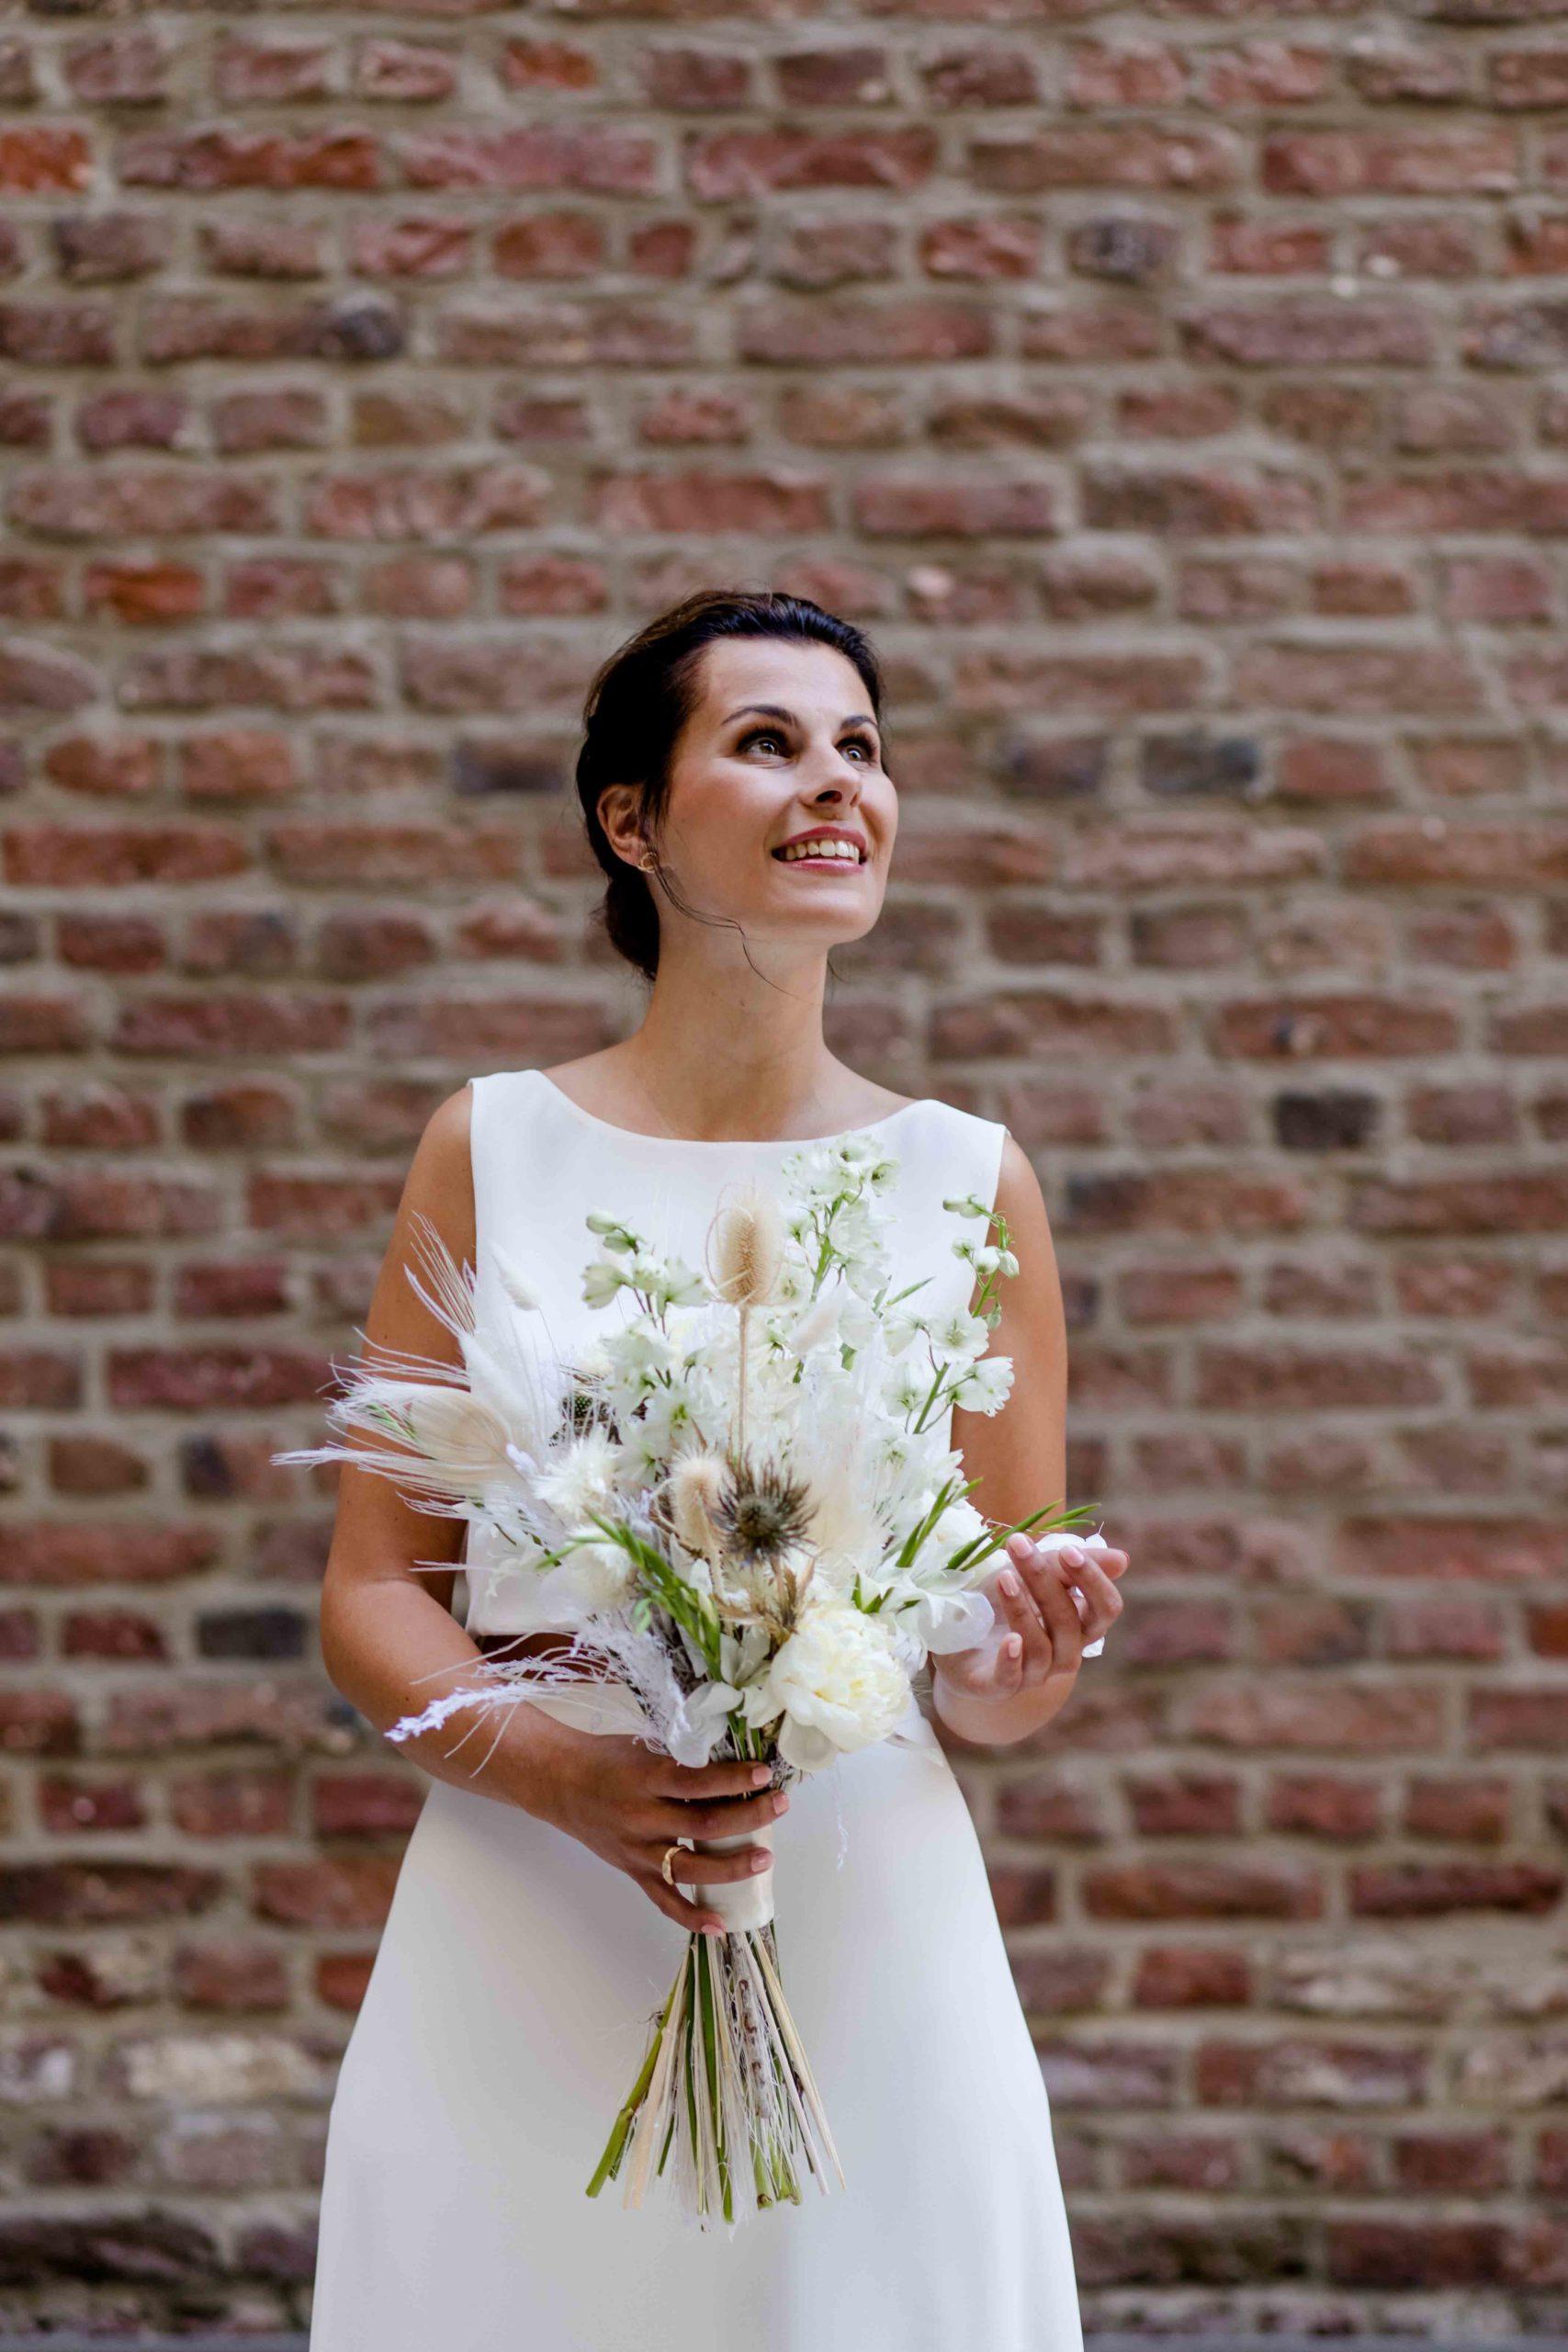 Styled Shoot Brautmode, Model mit weißem, ärmellosen Brautkleid mit Brautstrauss vor Backsteinmauer